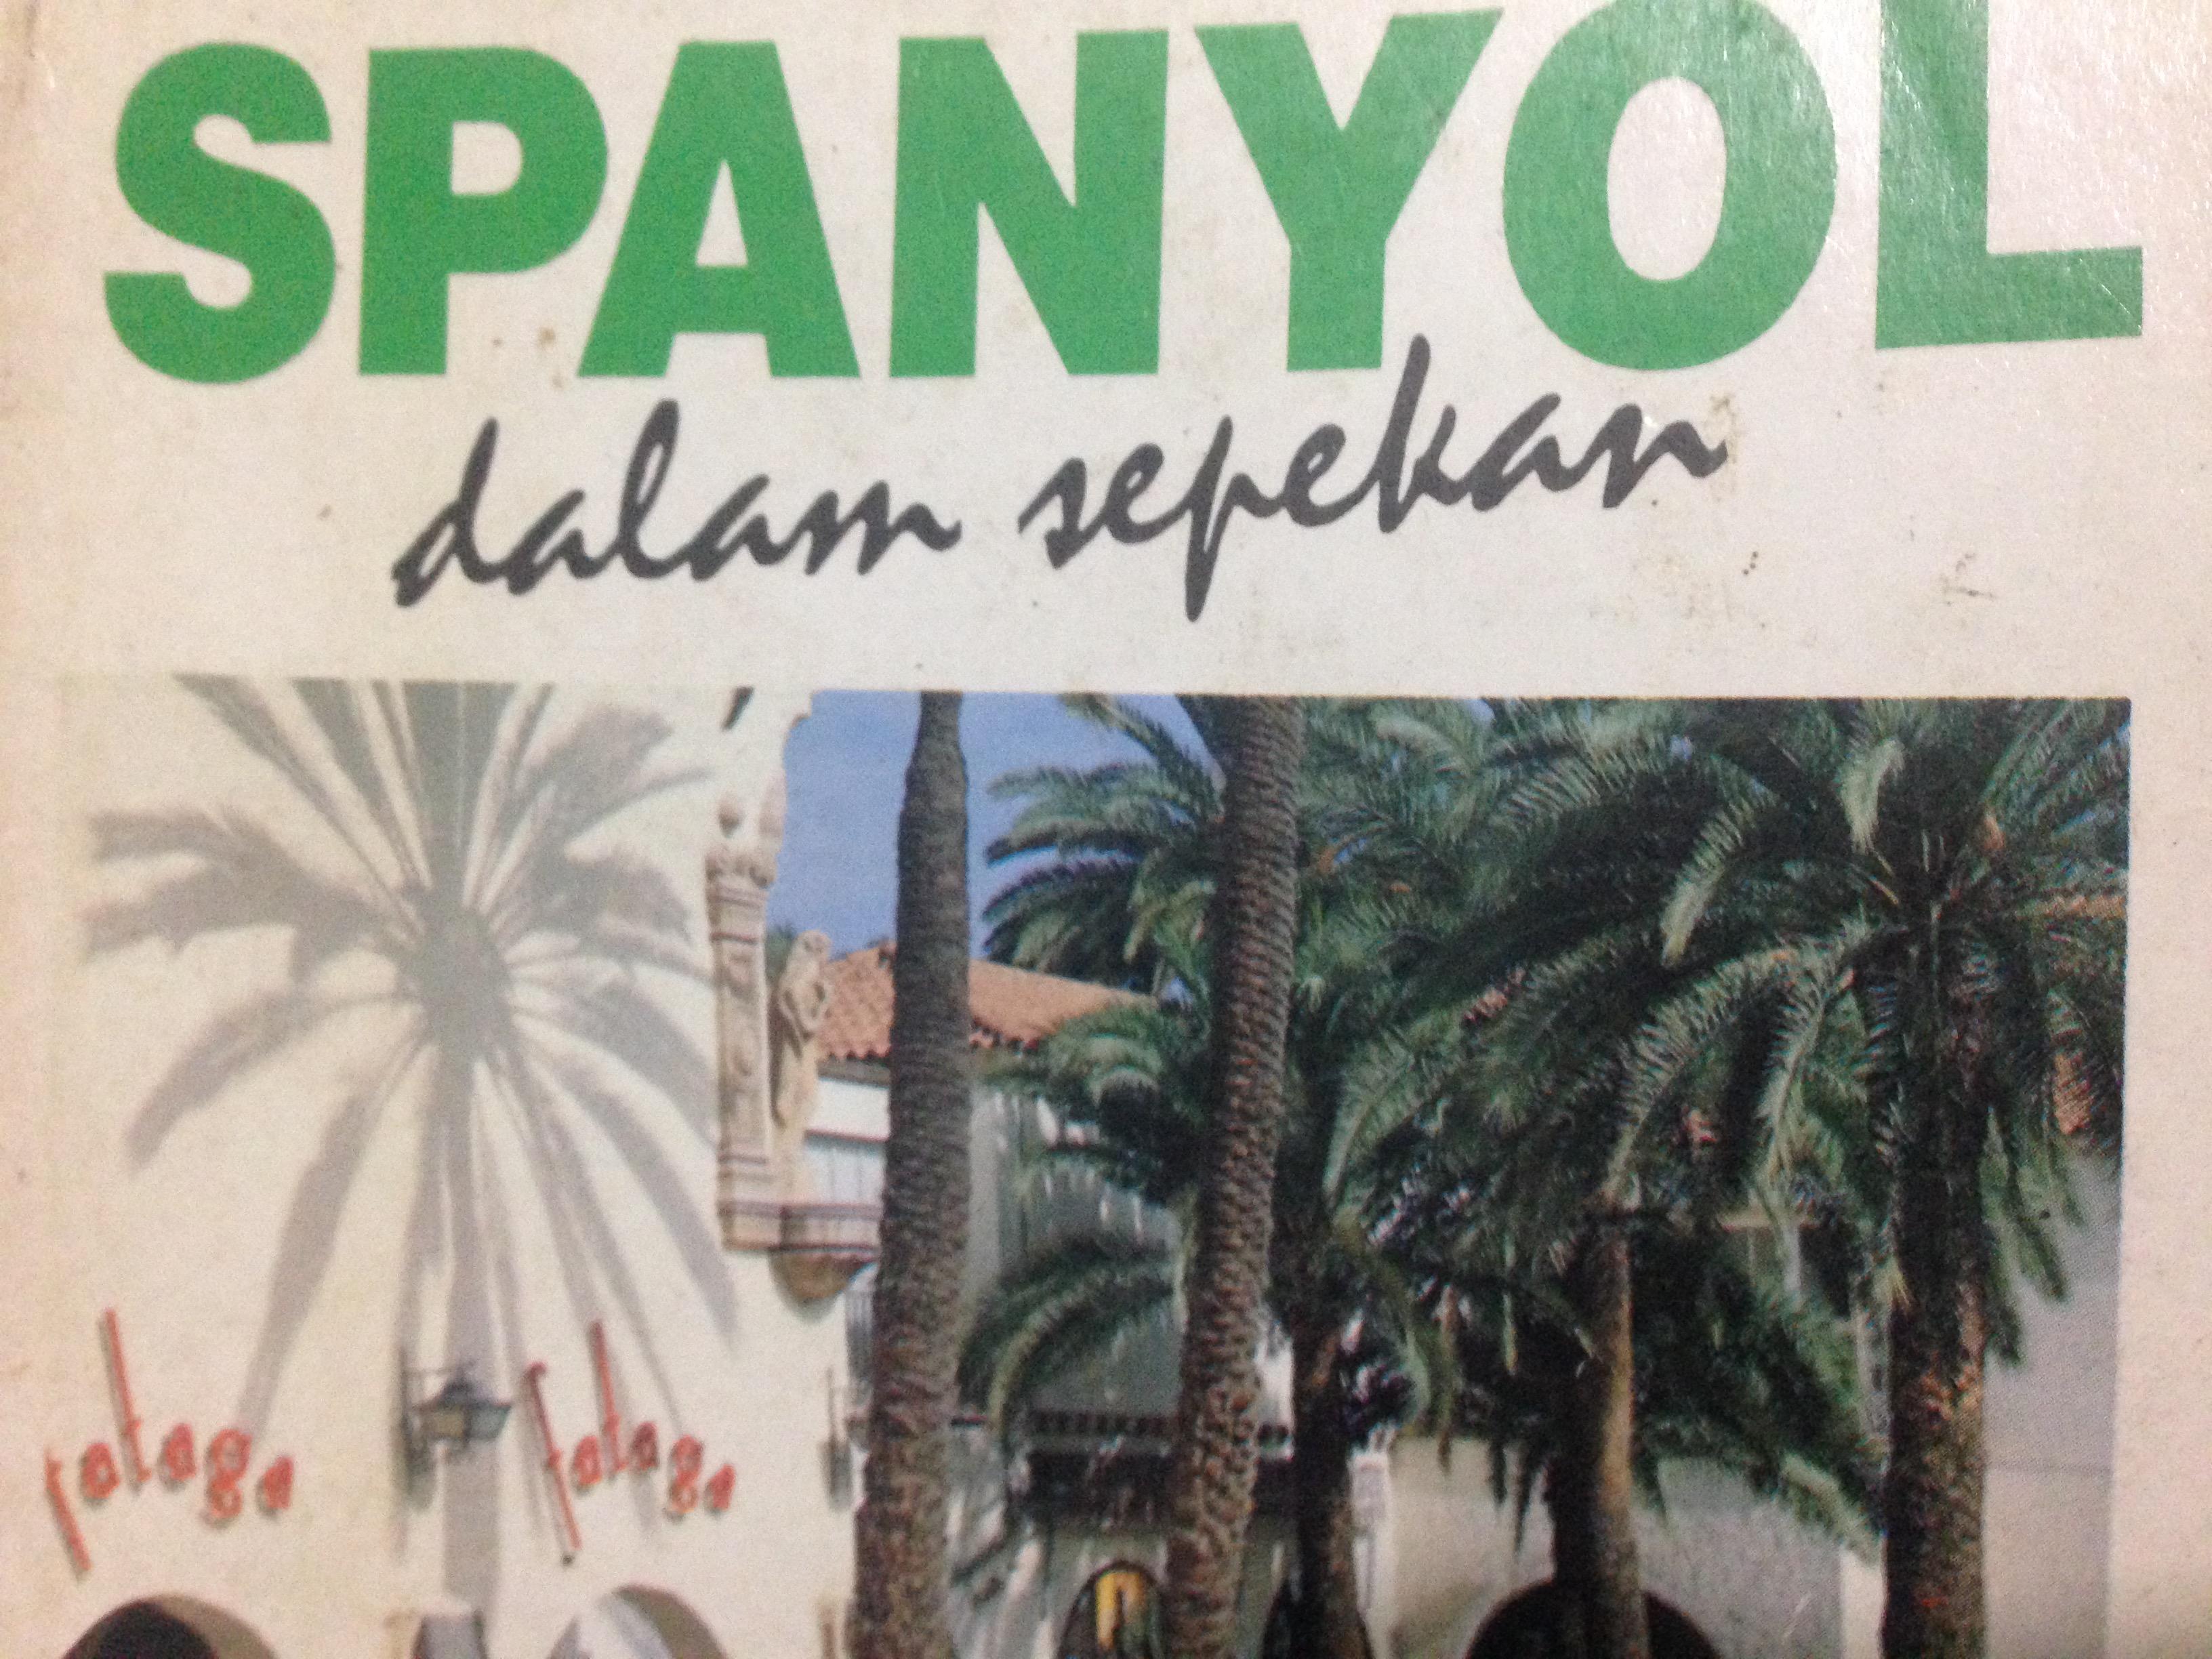 Belajar Bahasa Spanyol dari Telenovela